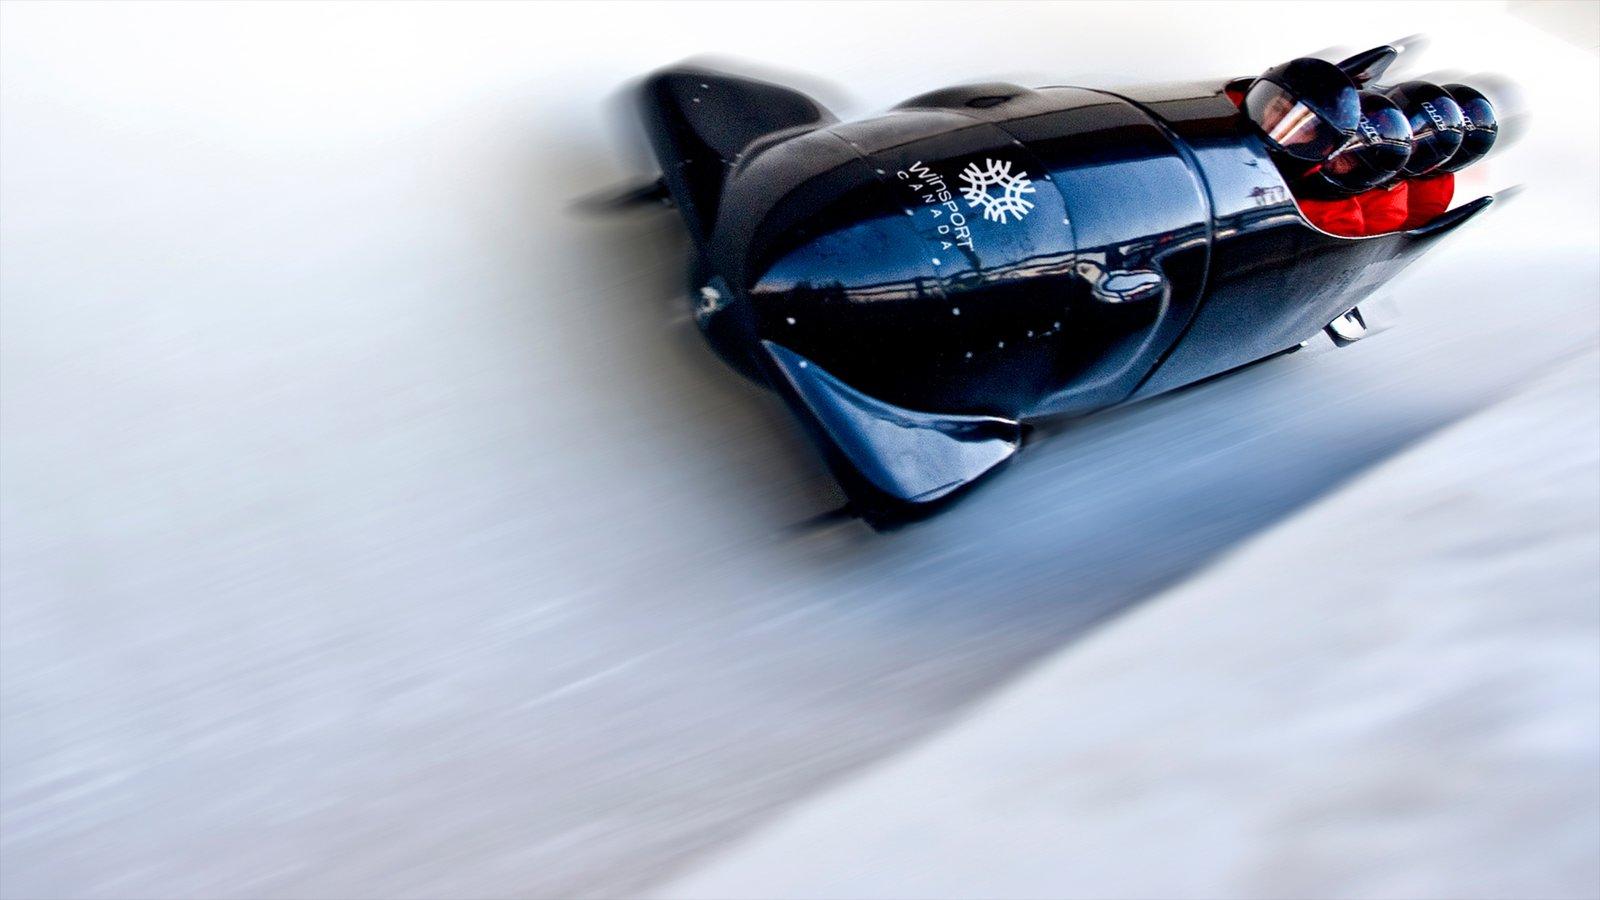 Parque Olímpico de Canadá ofreciendo nieve y un evento deportivo y también un pequeño grupo de personas